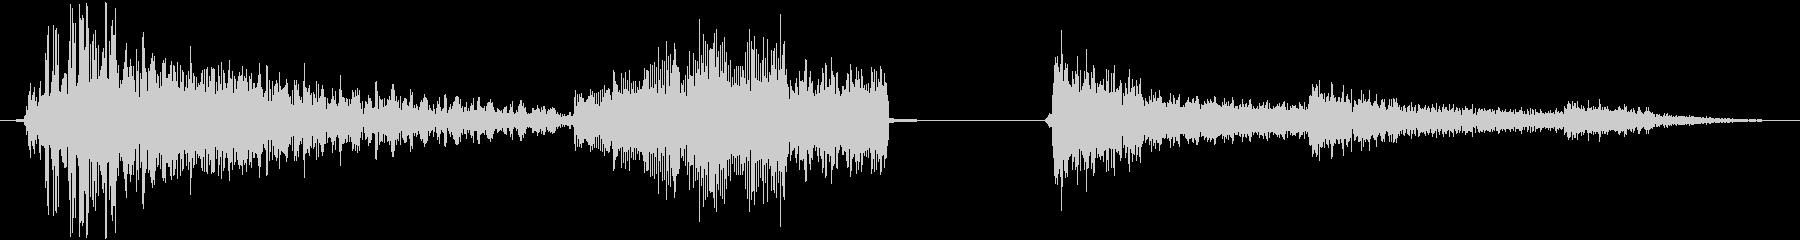 低技術ビープ音をバウンス中期ハイテ...の未再生の波形